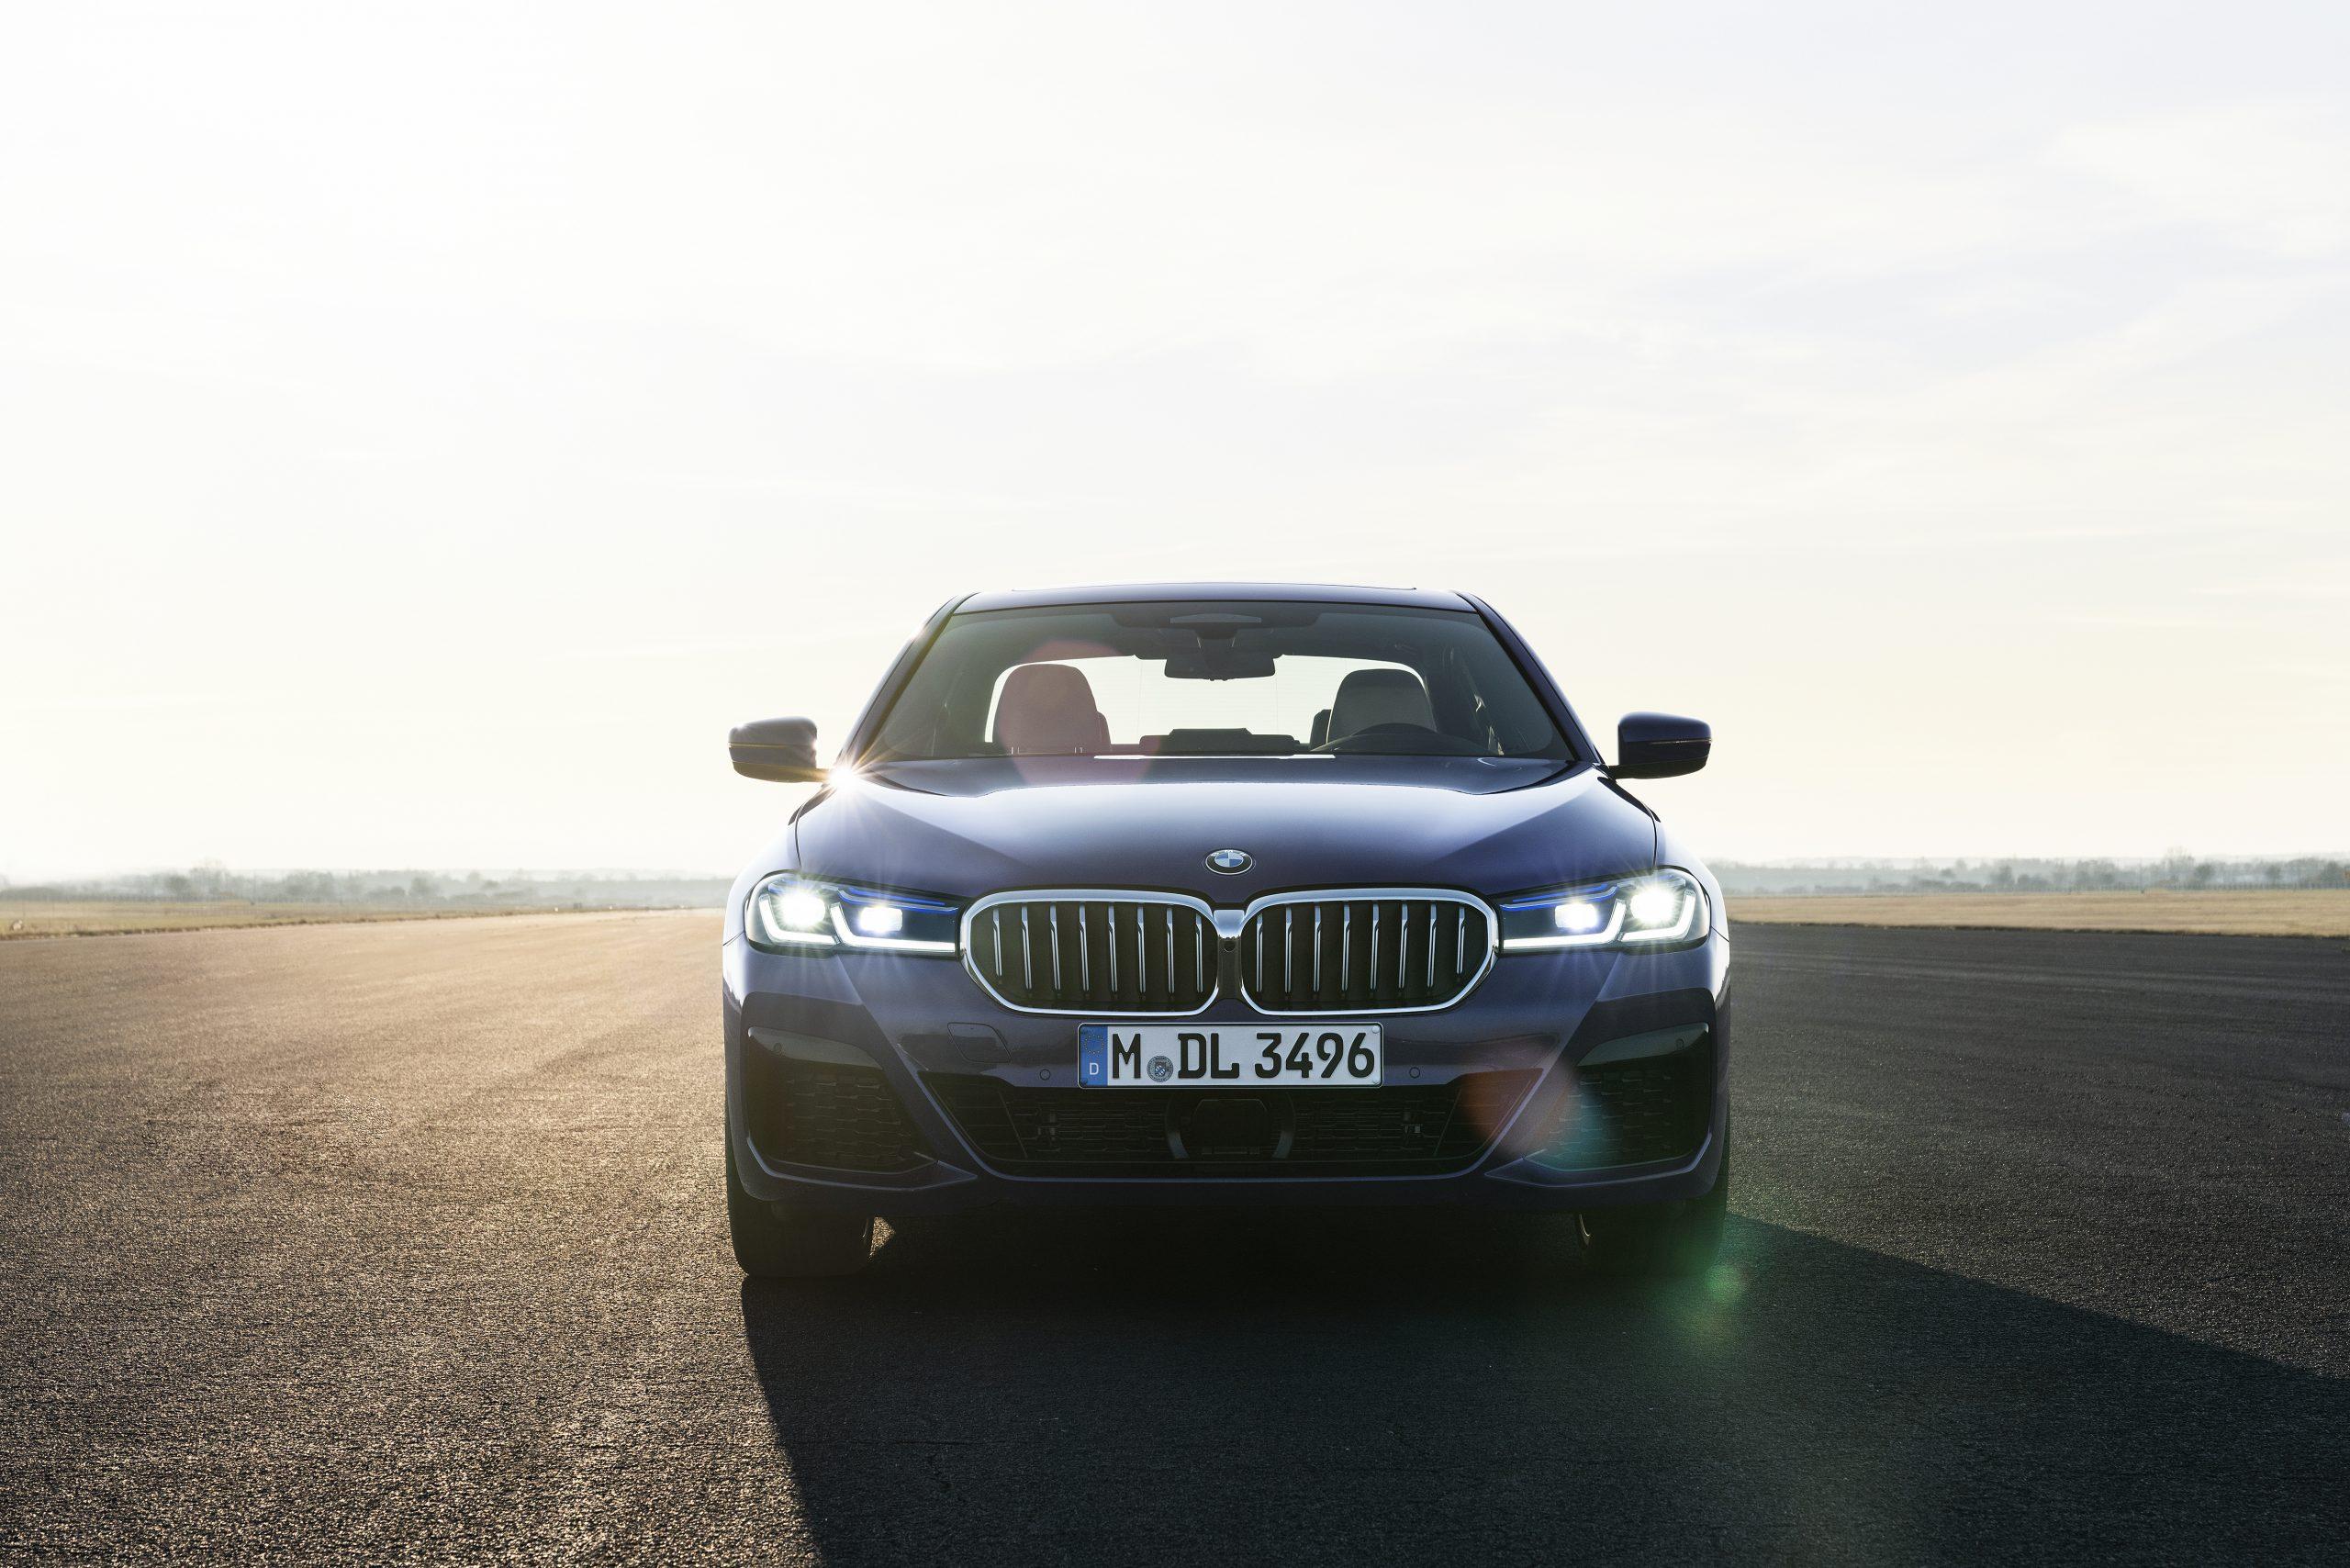 De BMW 5 Serie Launch Edition